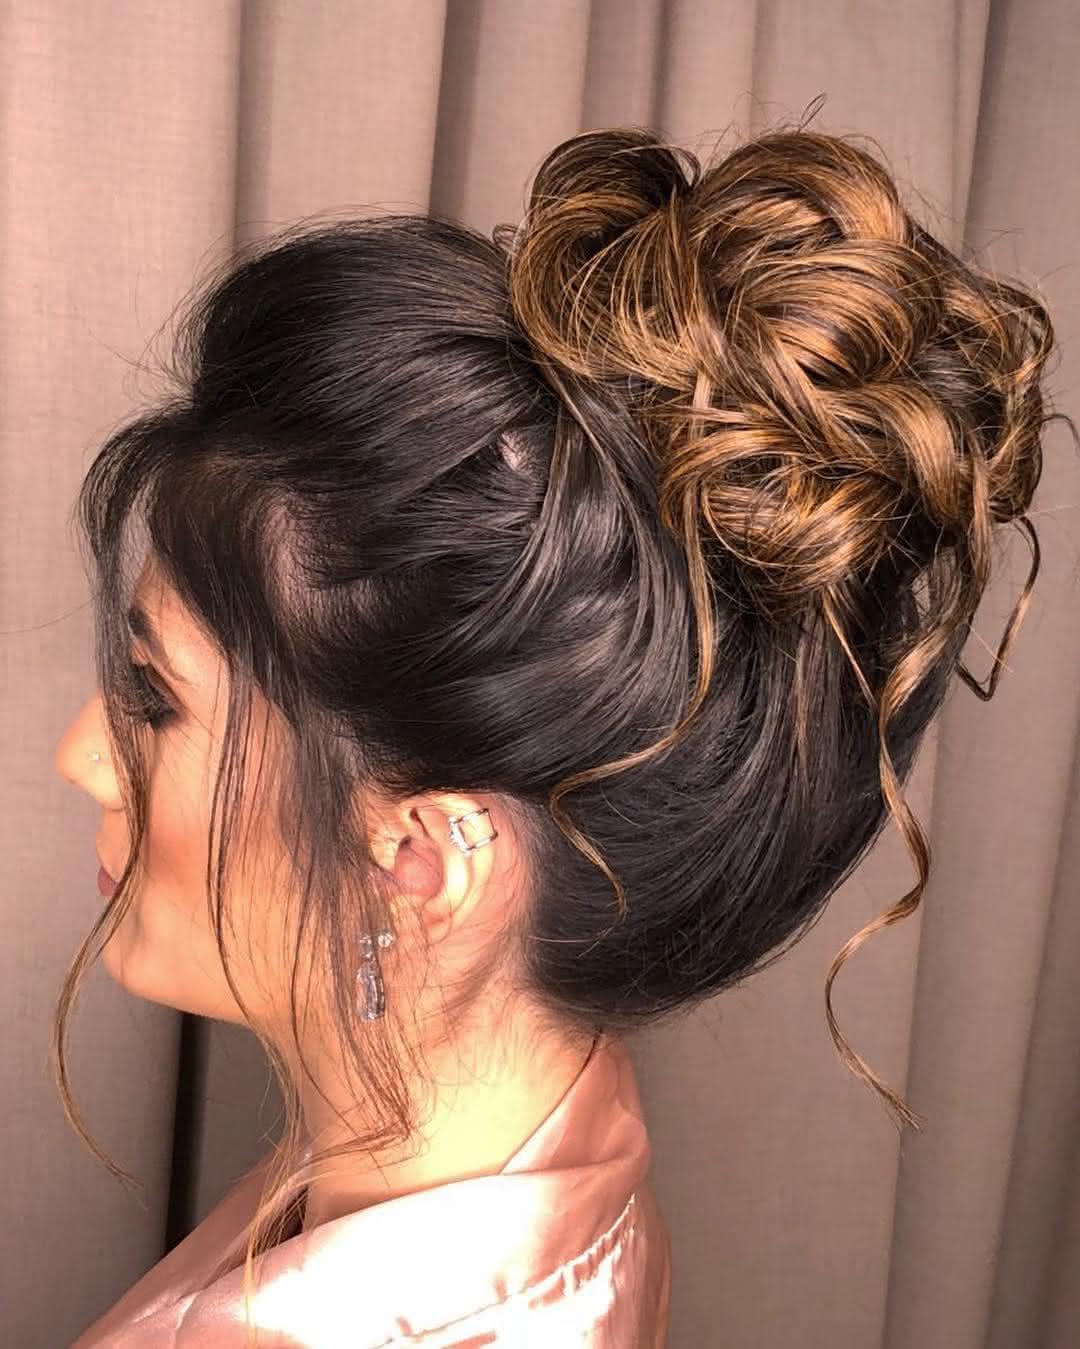 penteado-preso-madrinha